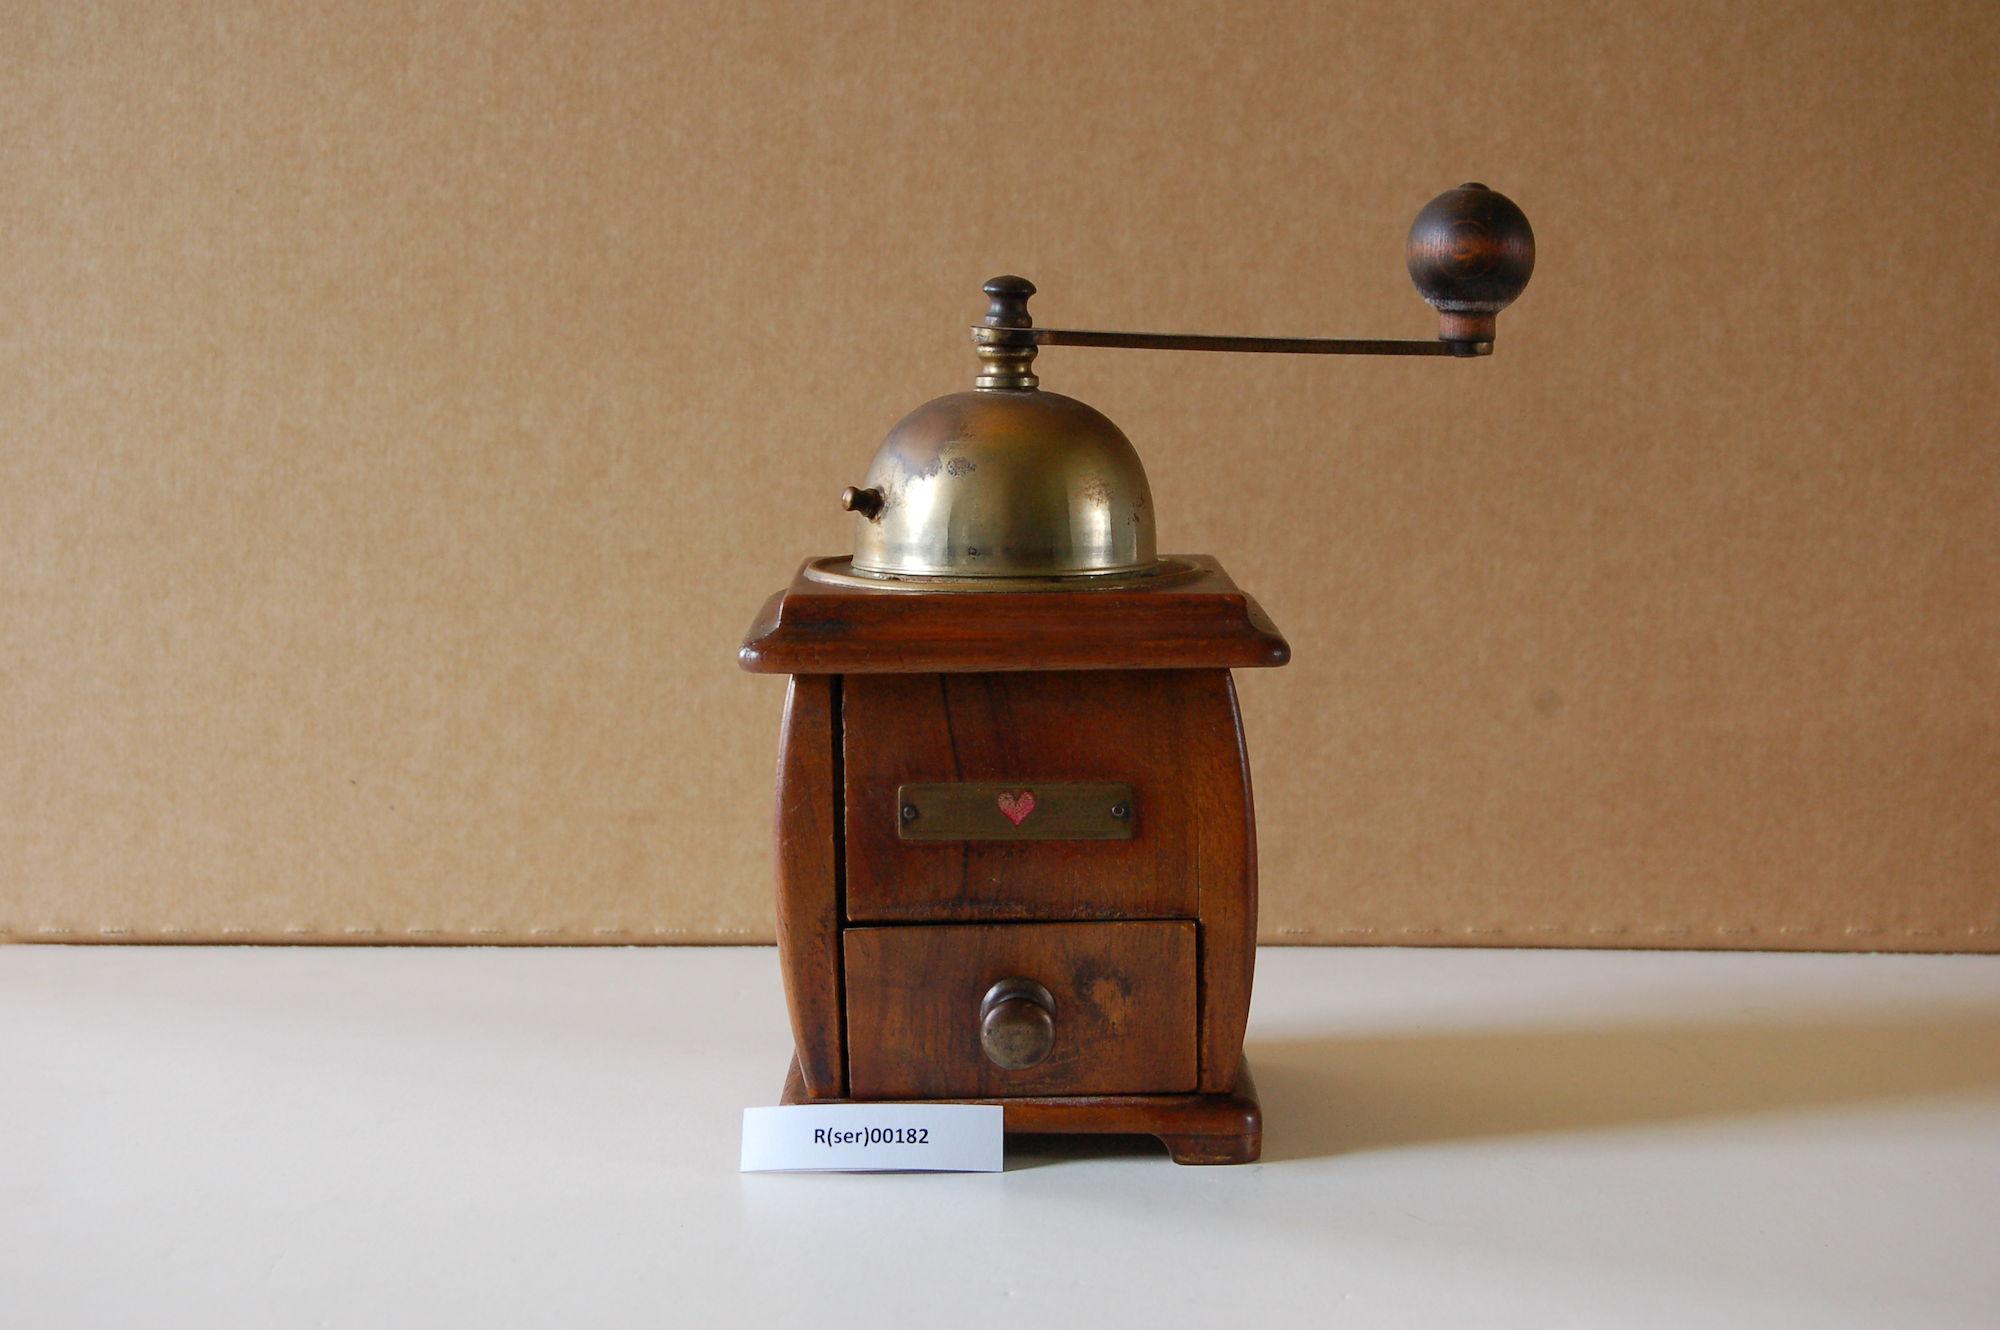 Ronse MUST: koffiemolen R(ser)00182.JPG